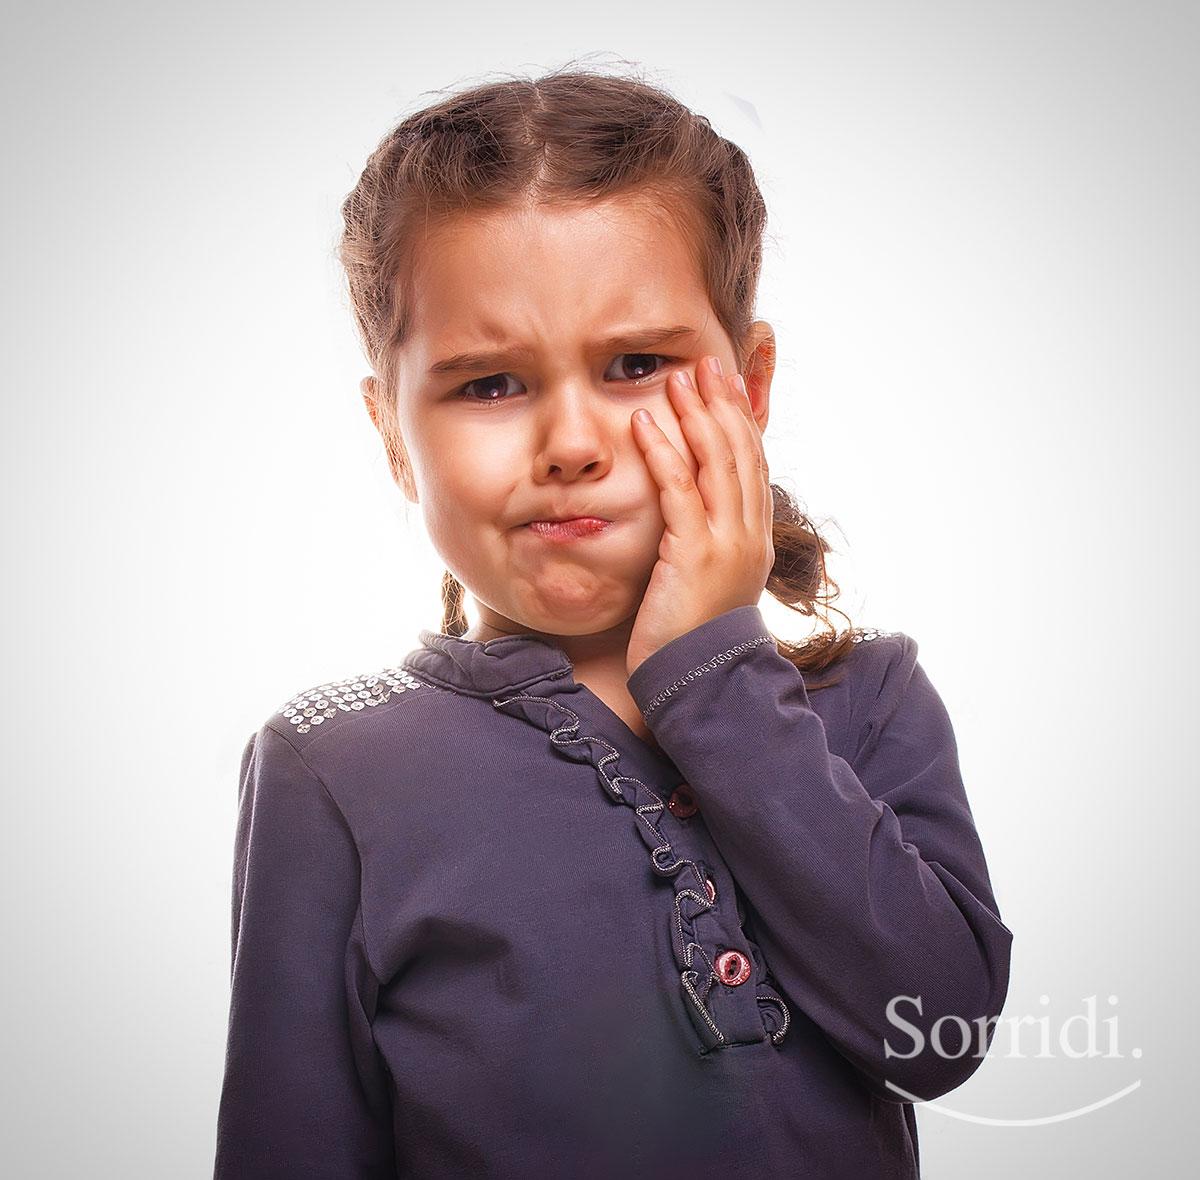 Sorridi-ch-magazine-affrontare-a-casa-i-piccoli-problemi-ai-denti-dei-bambini